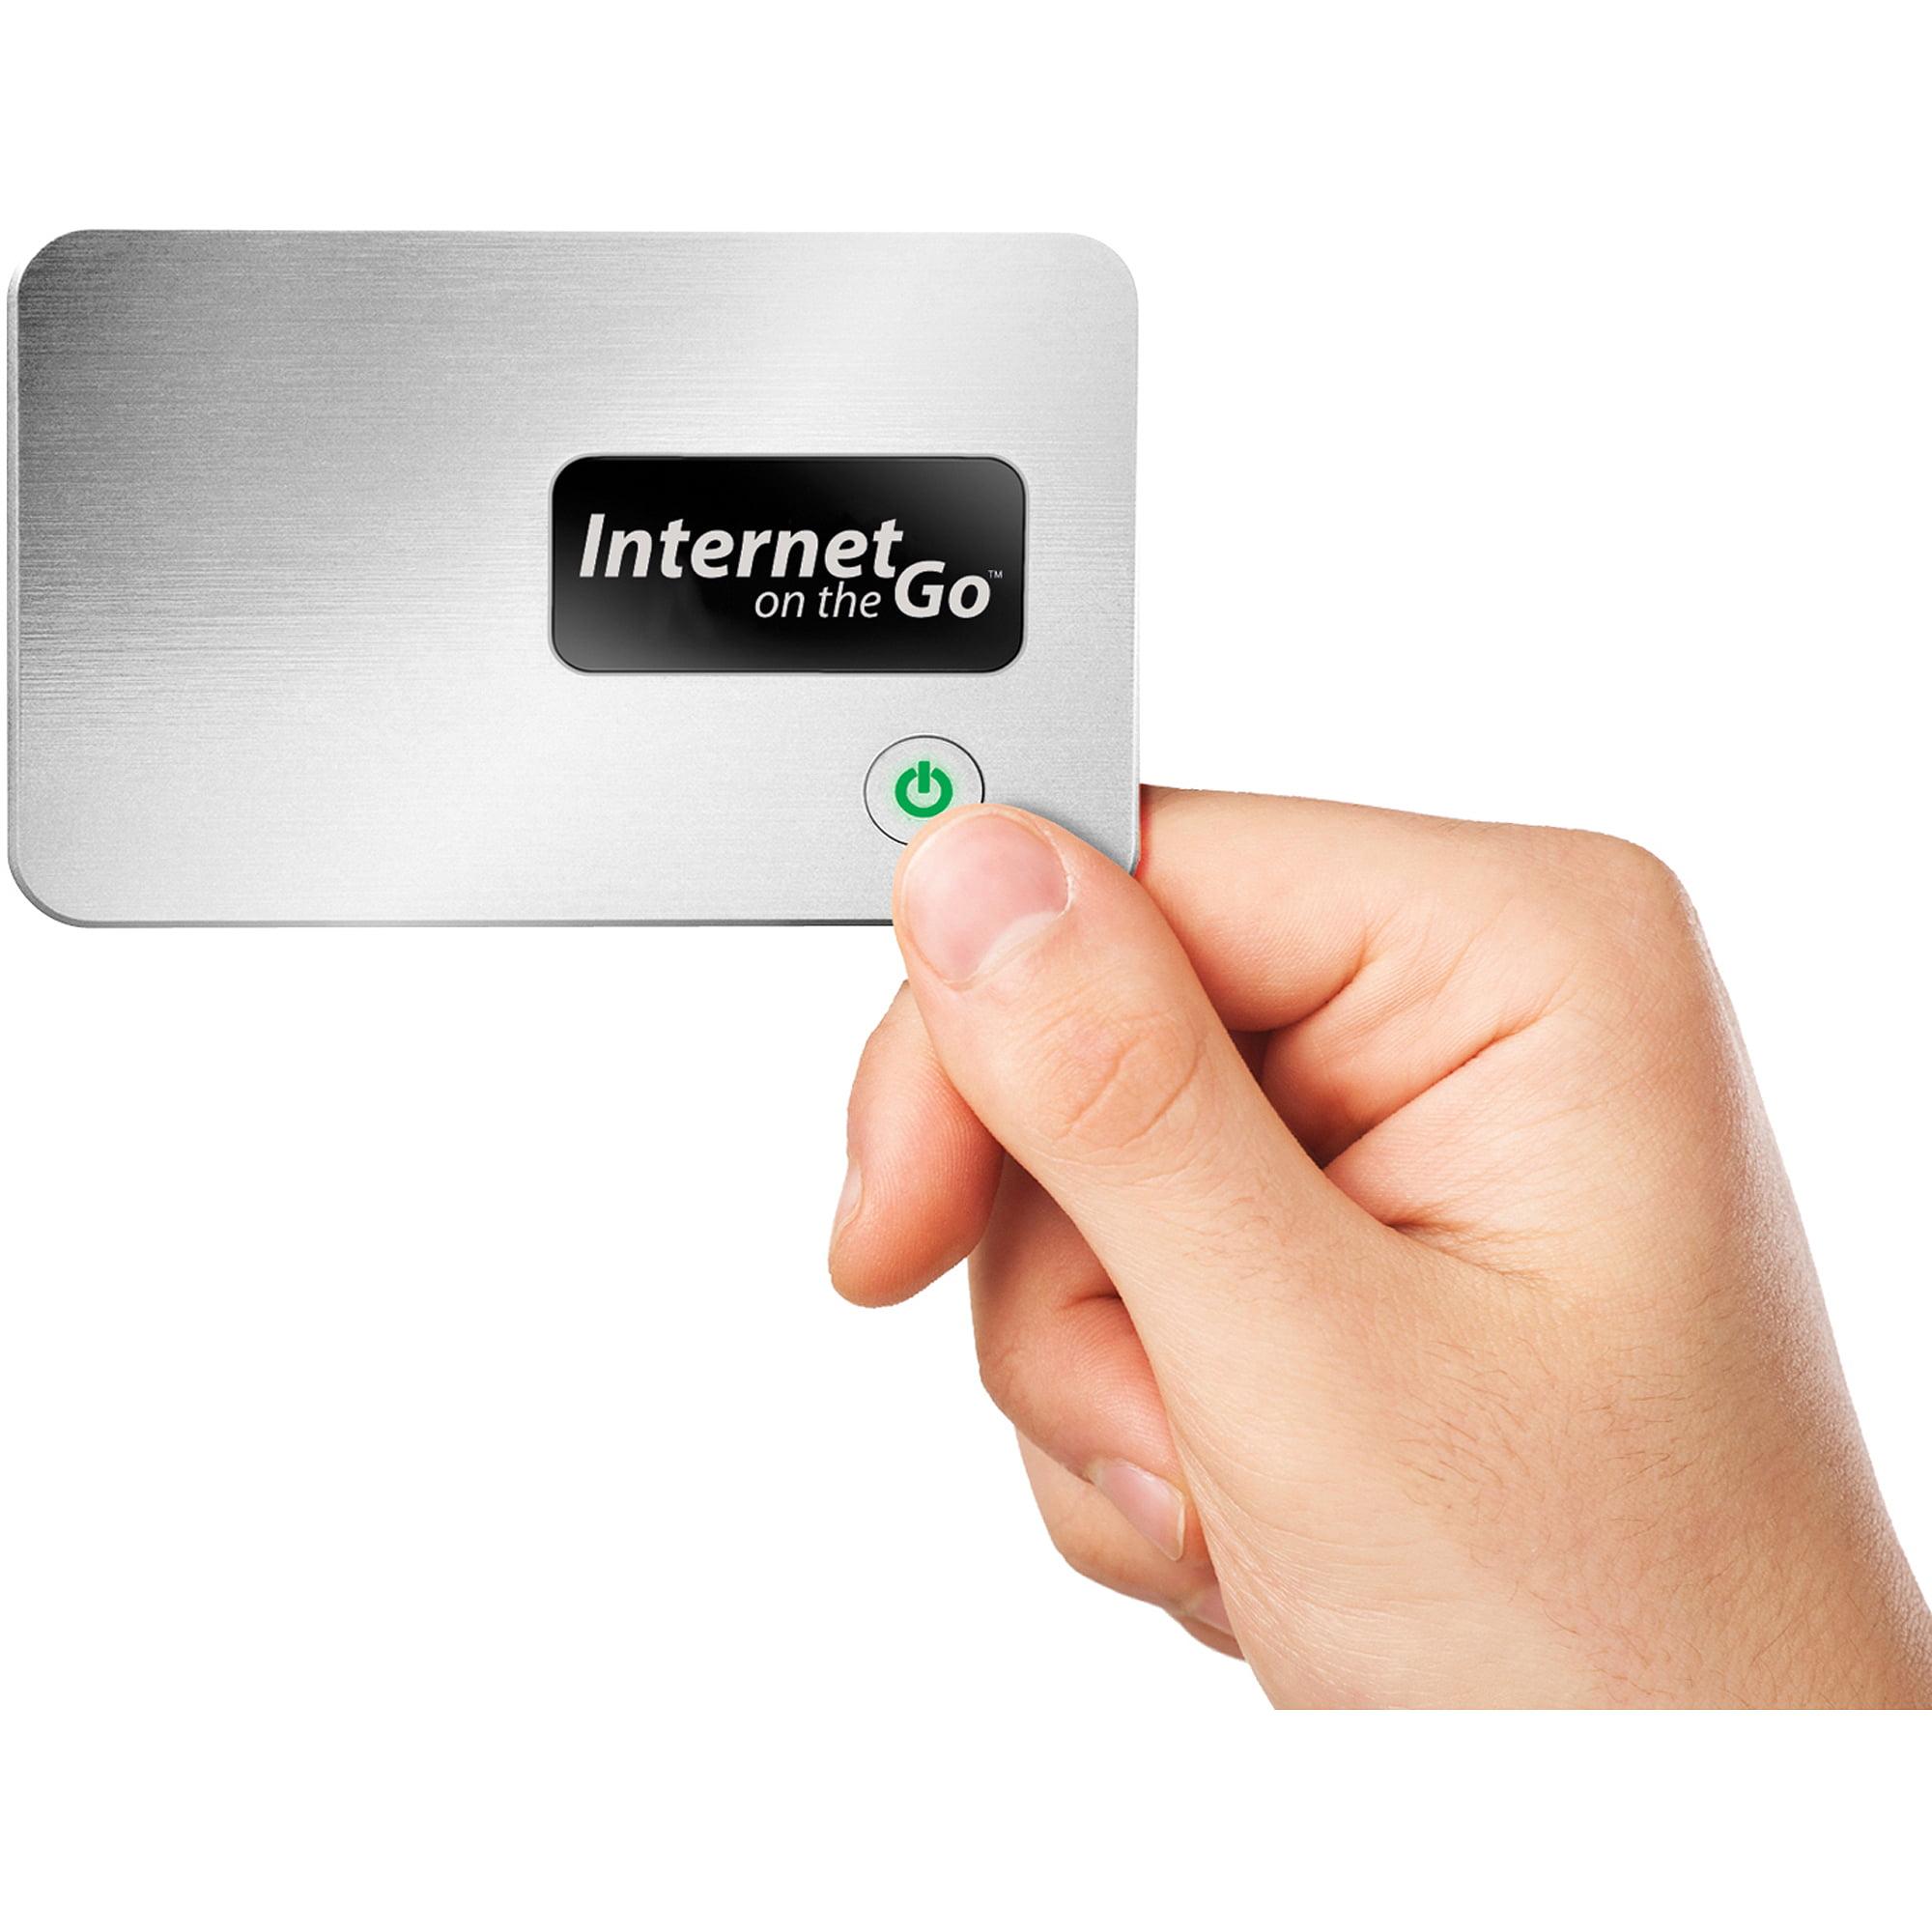 Internet on the Go Mobile Hotspot (3G)